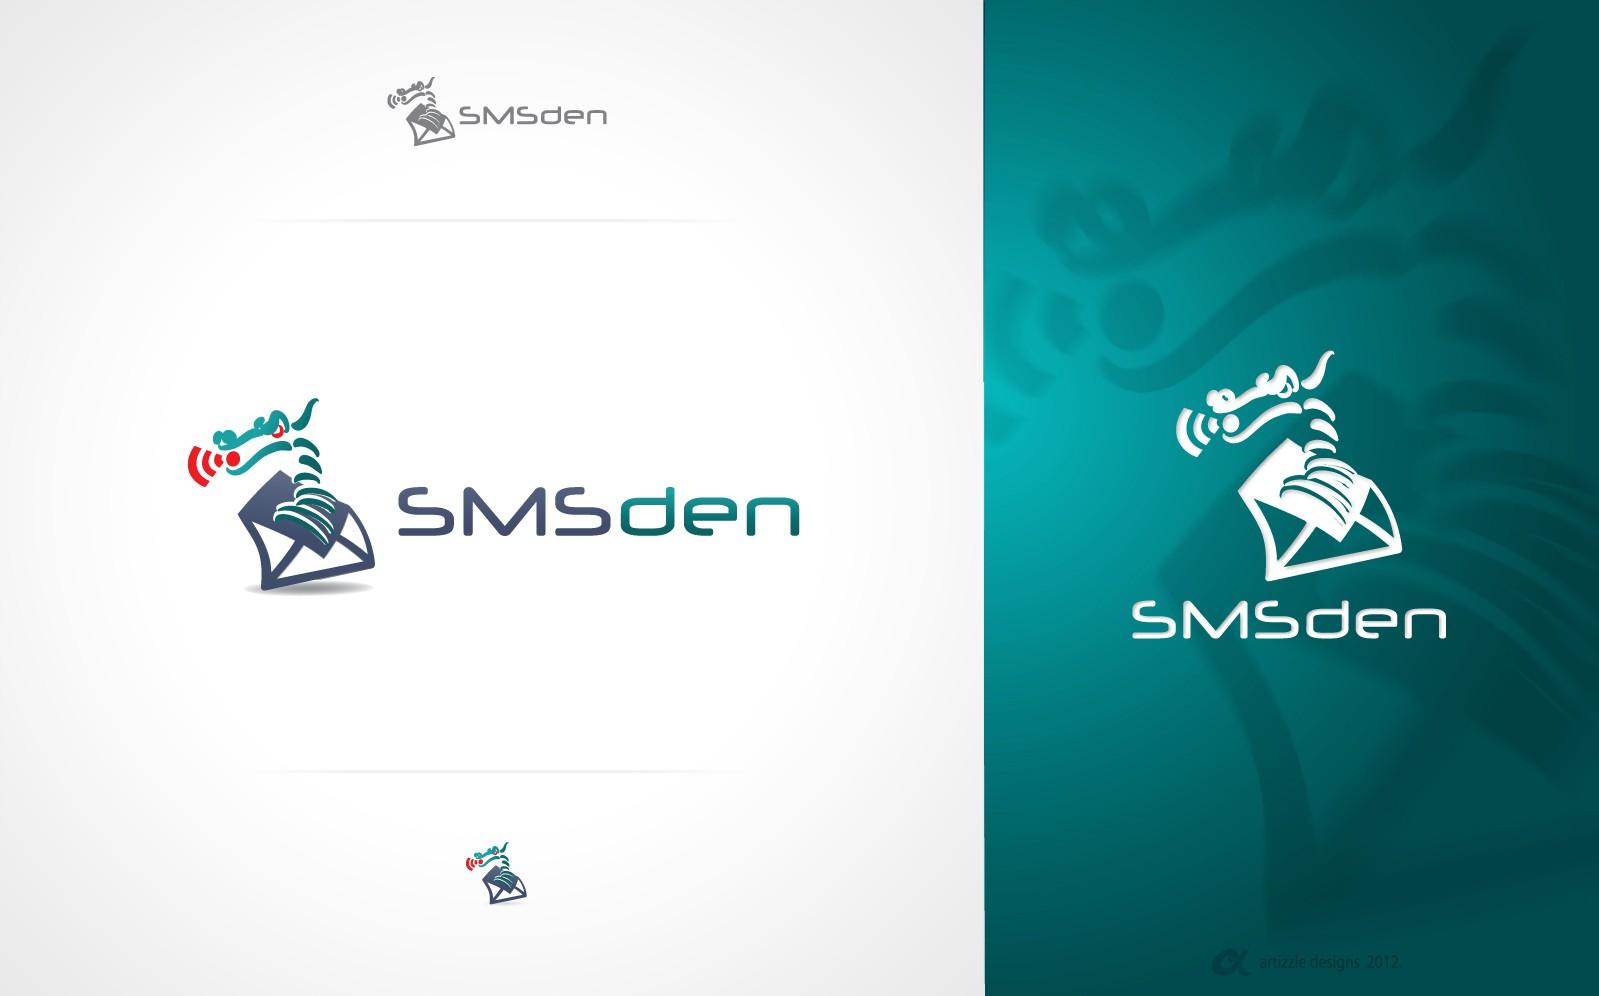 logo for SMSden